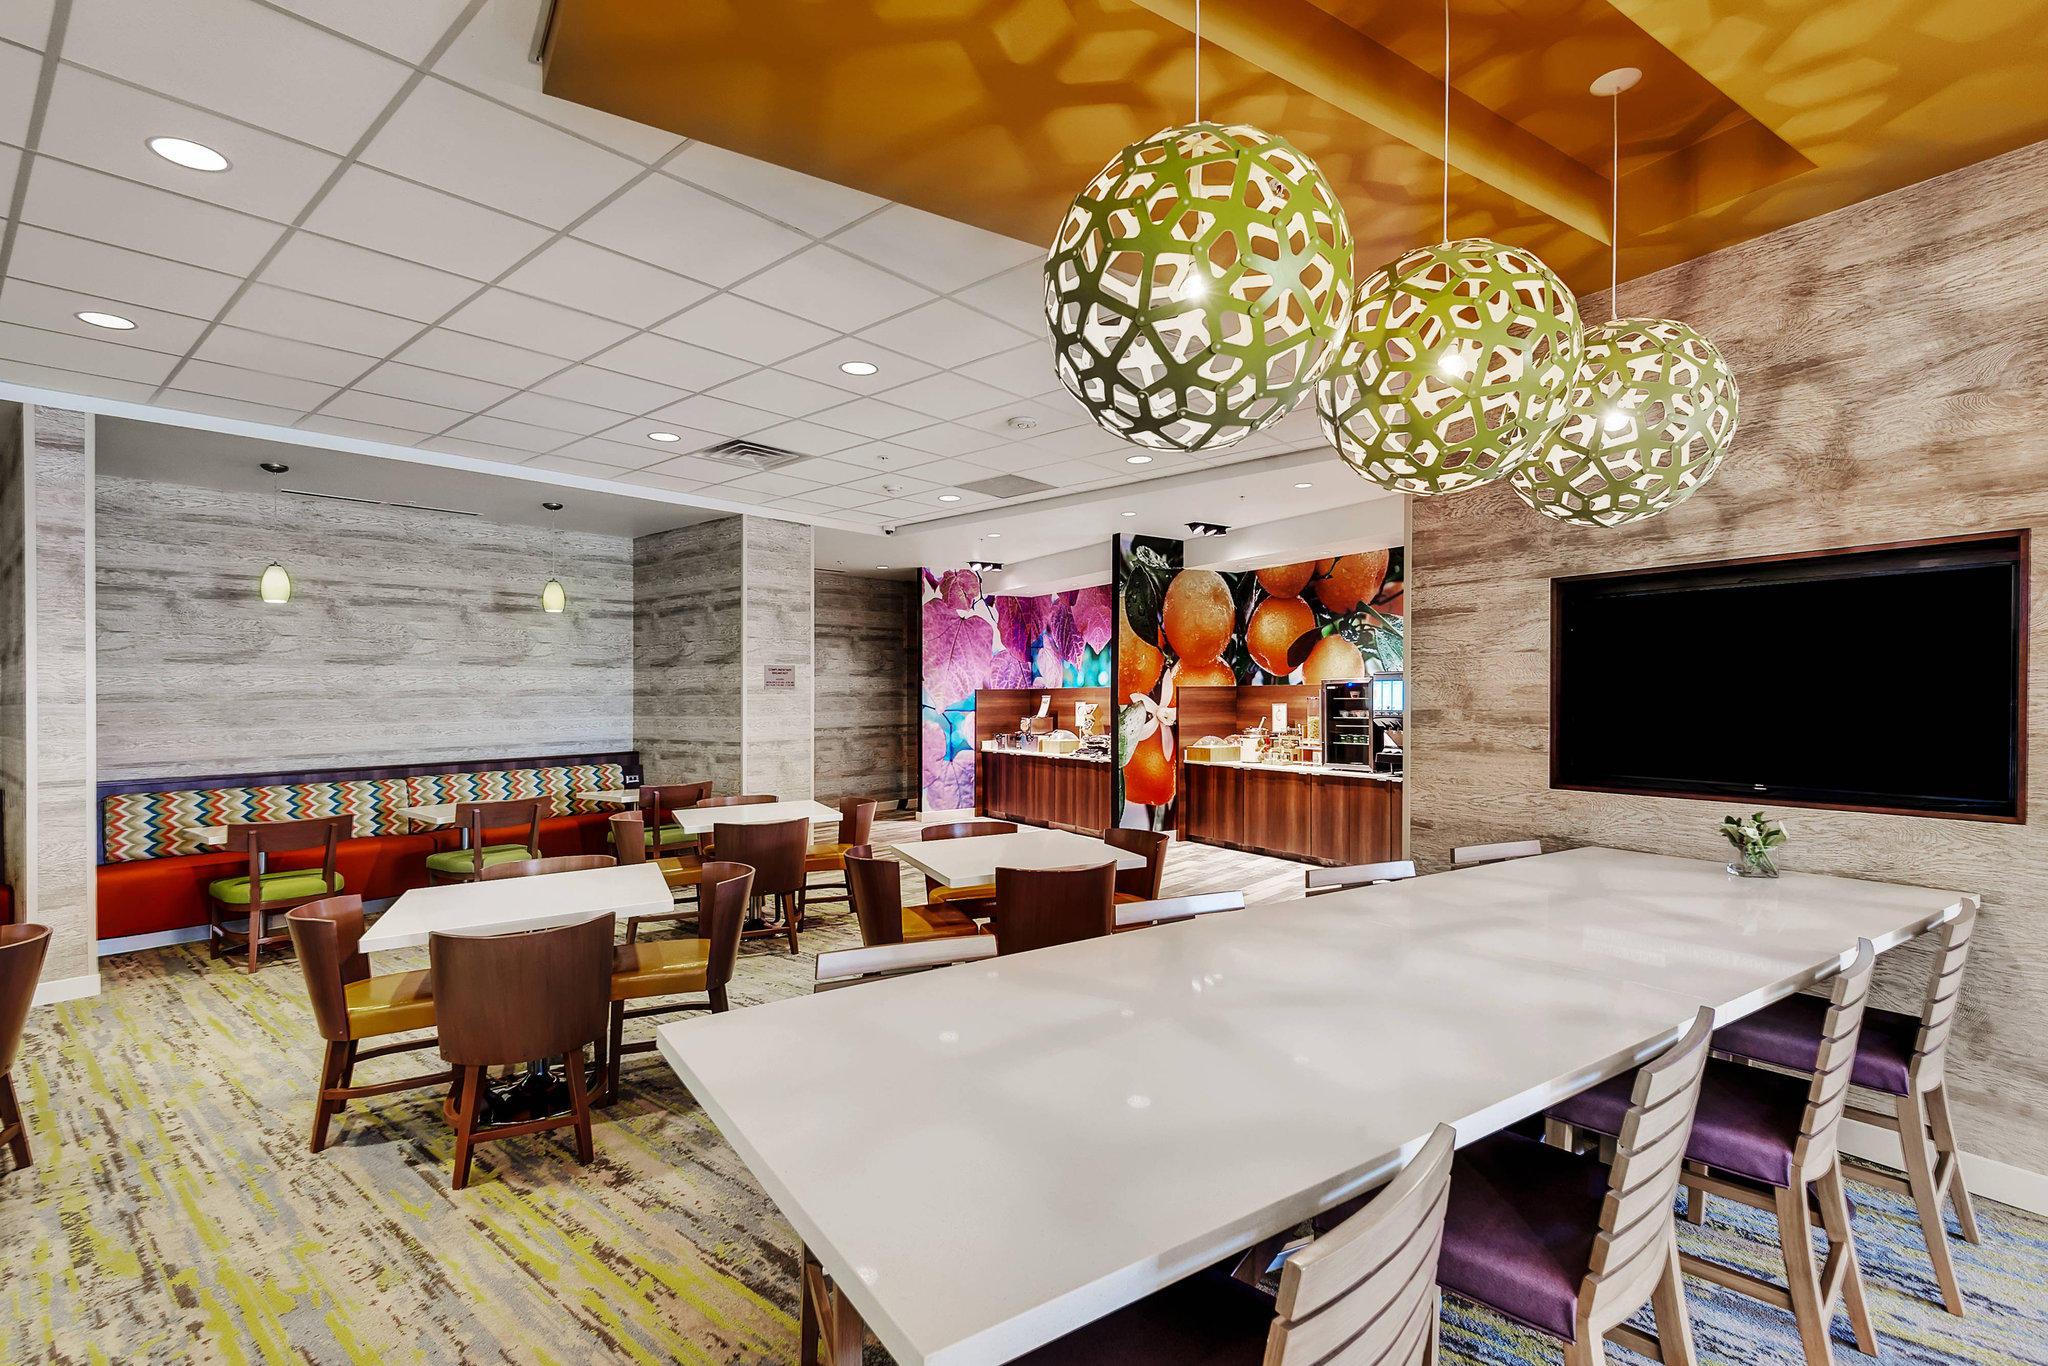 Fairfield Inn & Suites by Marriott Chicago Schaumburg